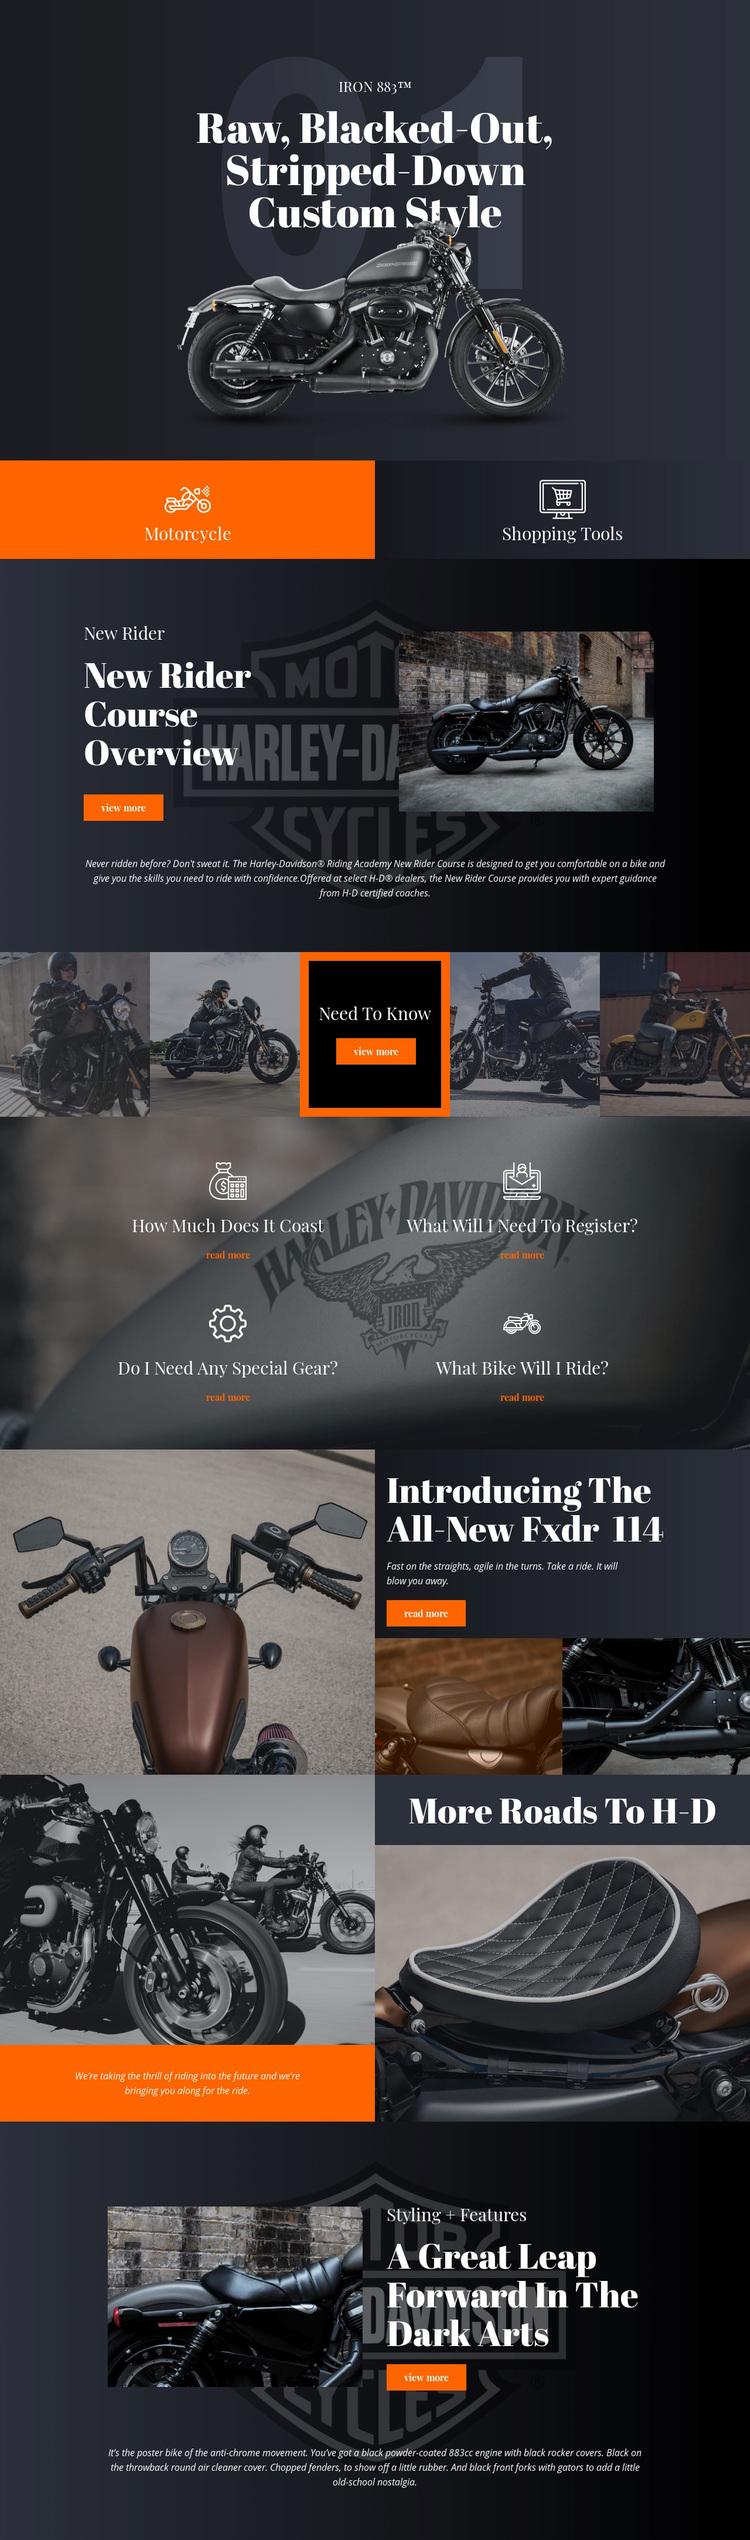 Harley Davidson Web Page Designer